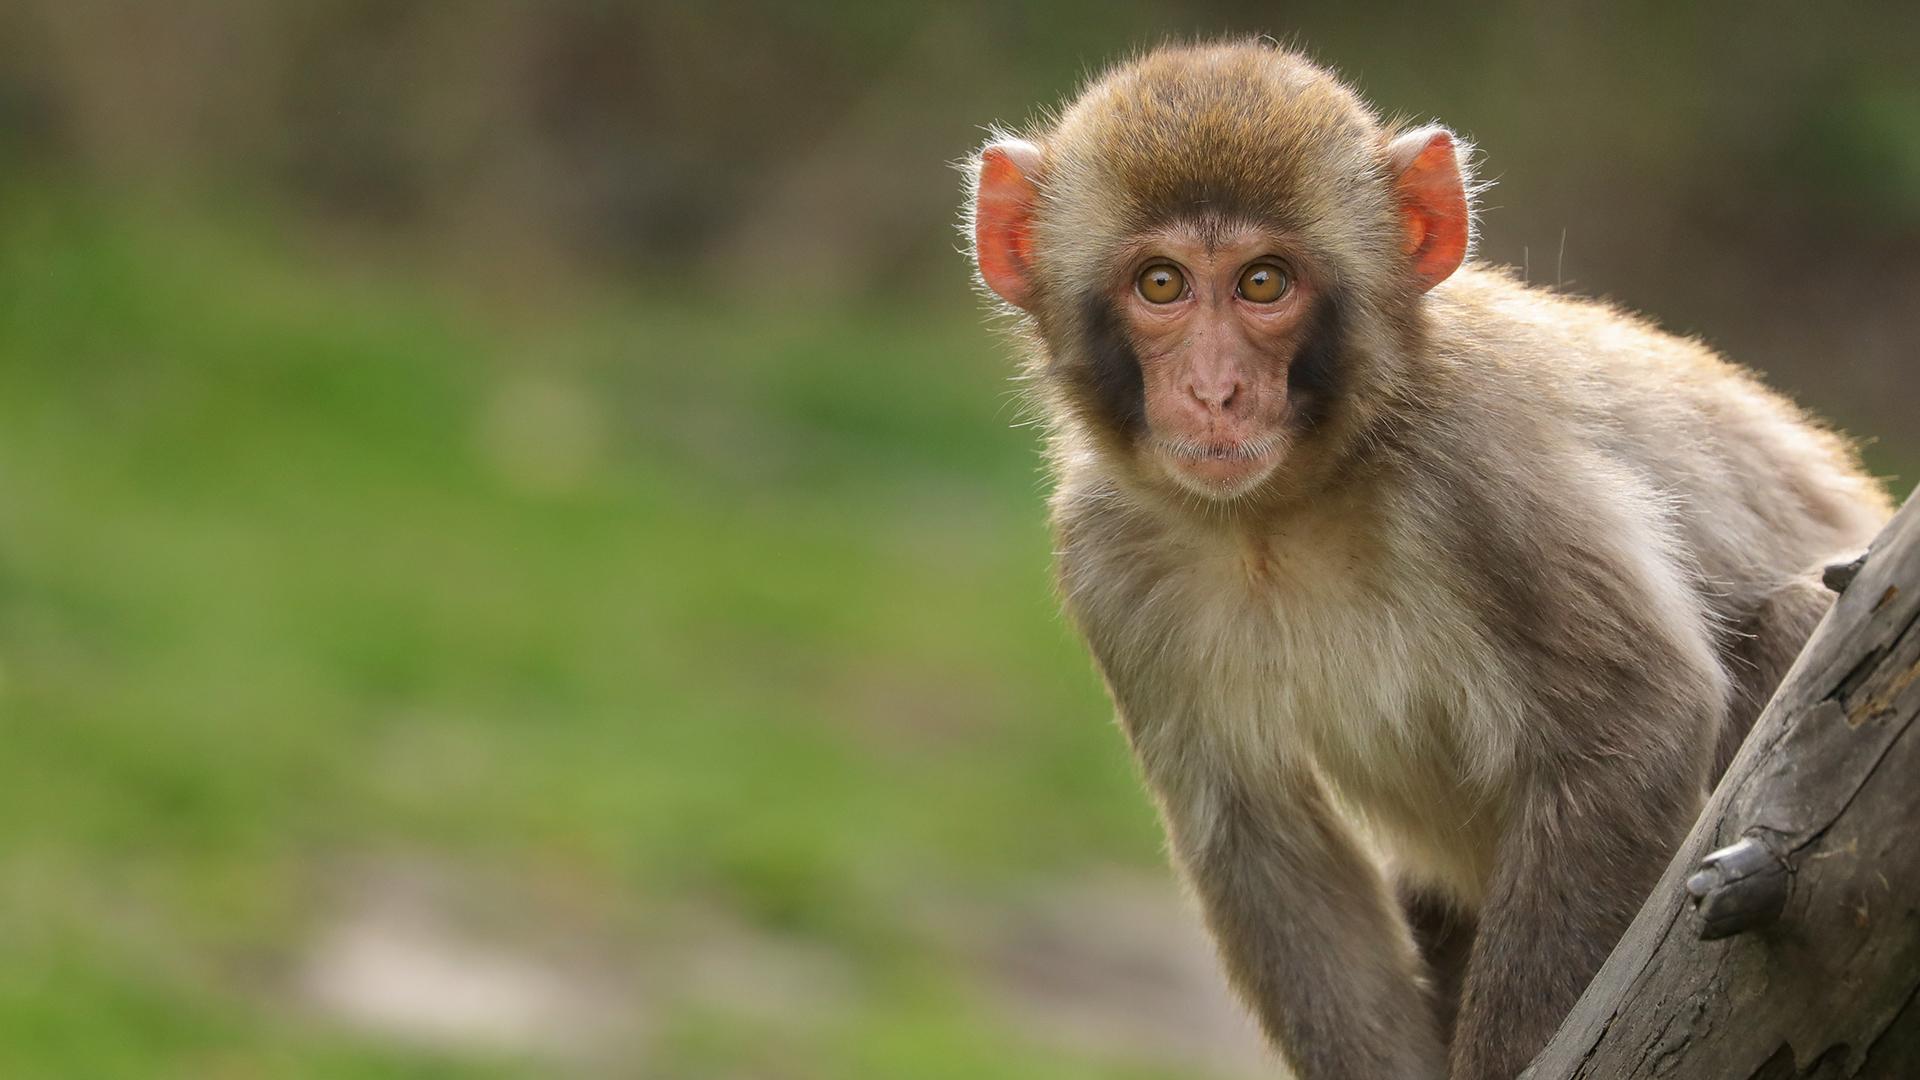 Mơ thấy con khỉ đánh lô đề bao nhiêu?